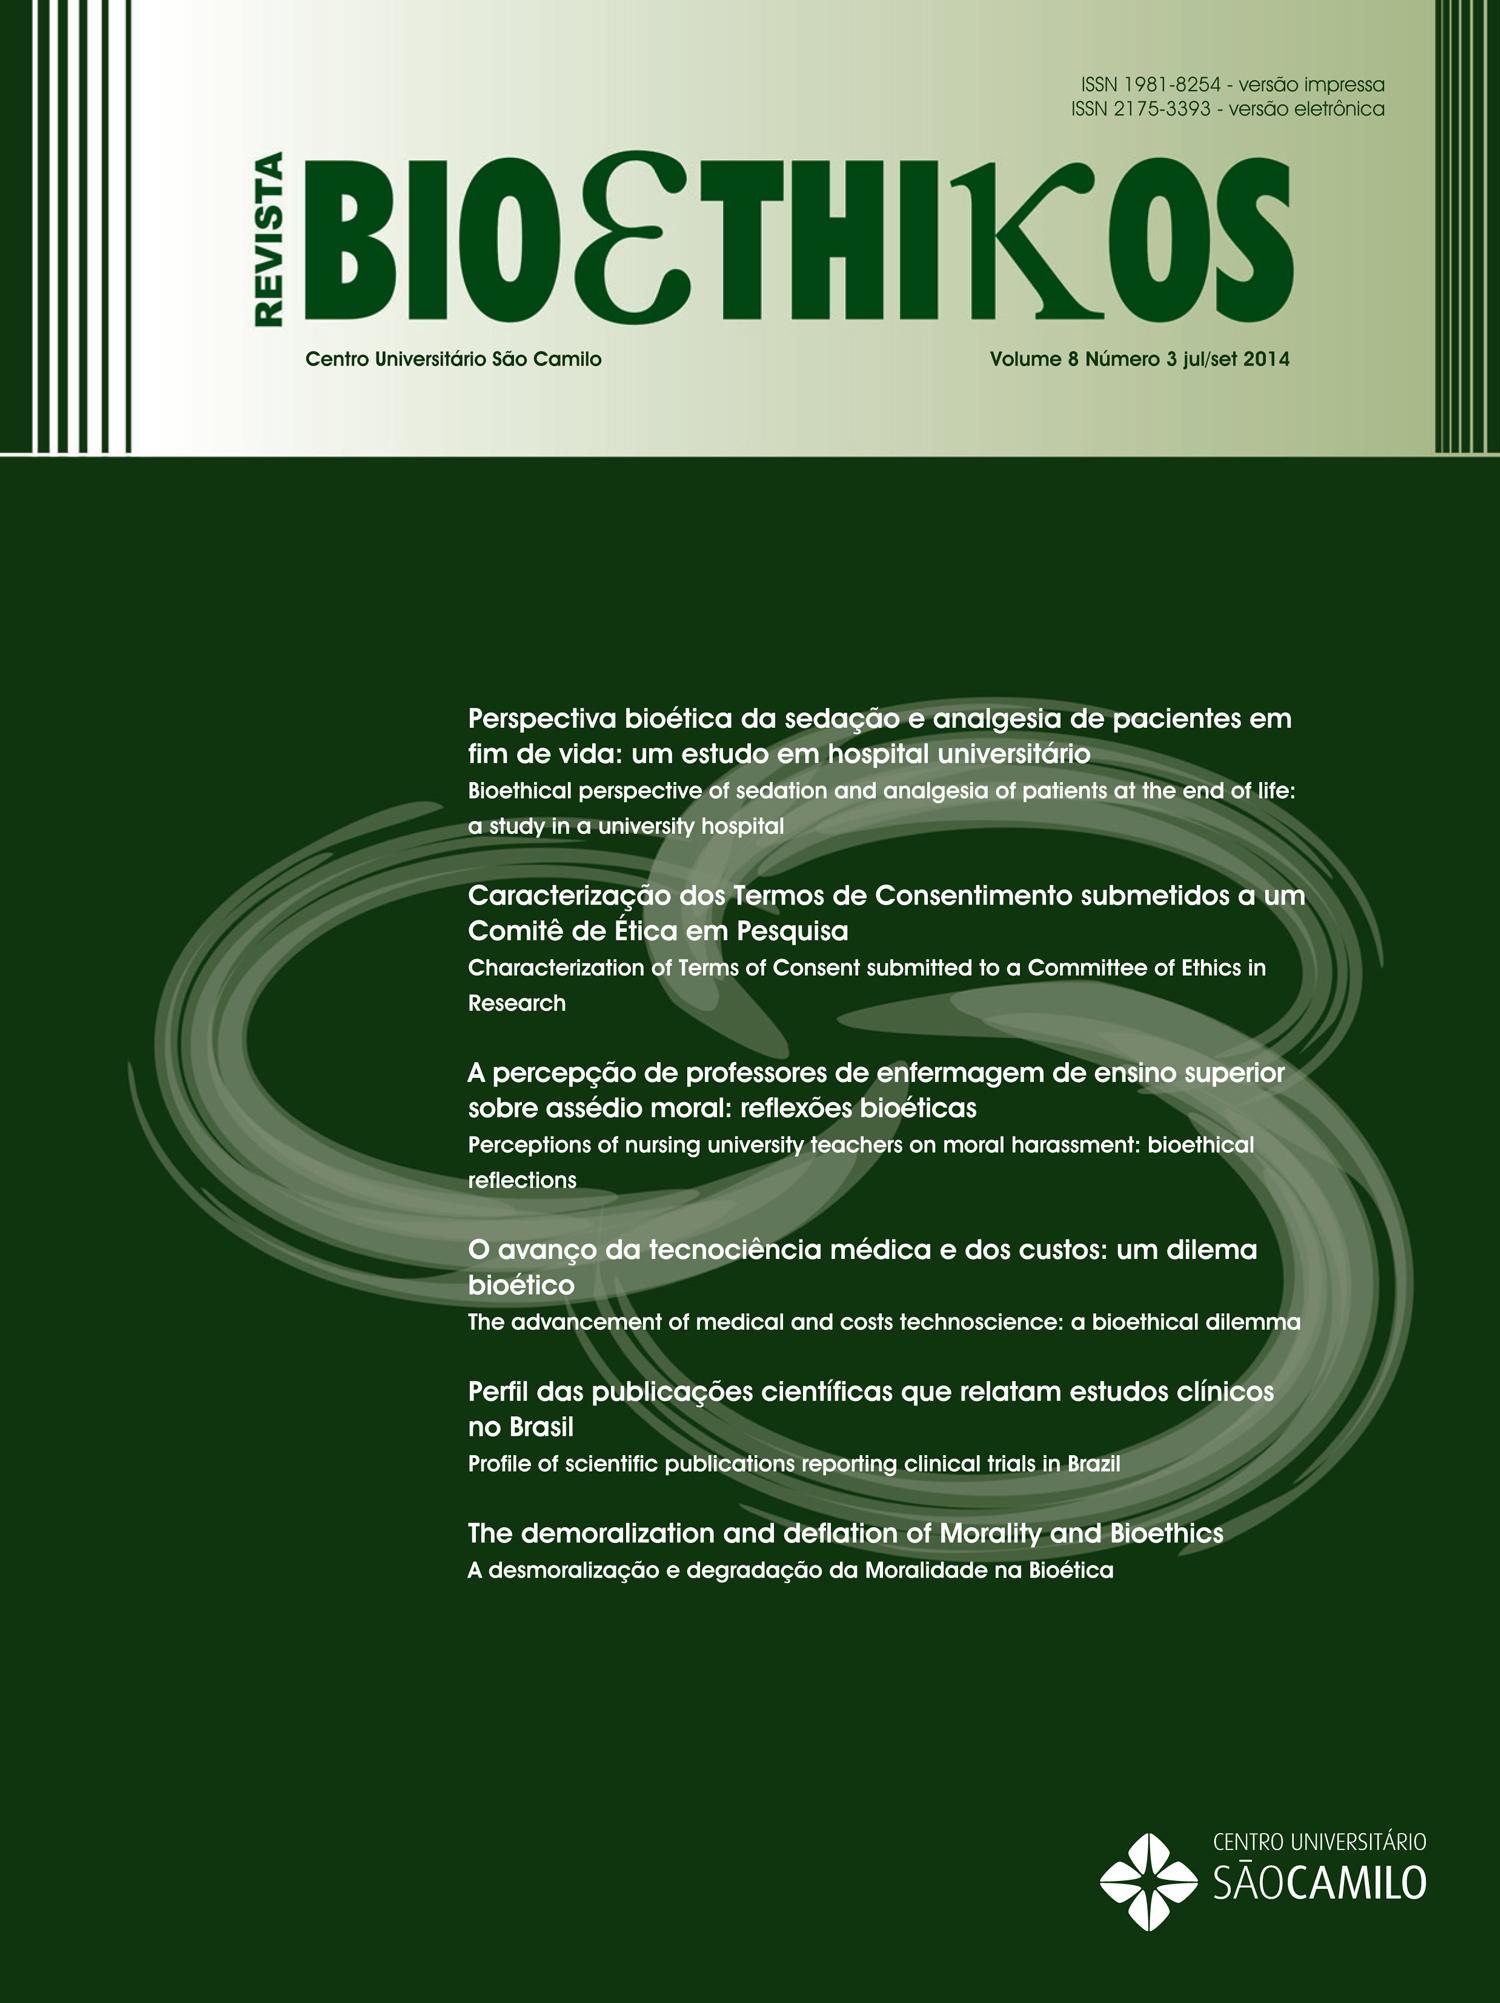 Revista bioethikos fandeluxe Images